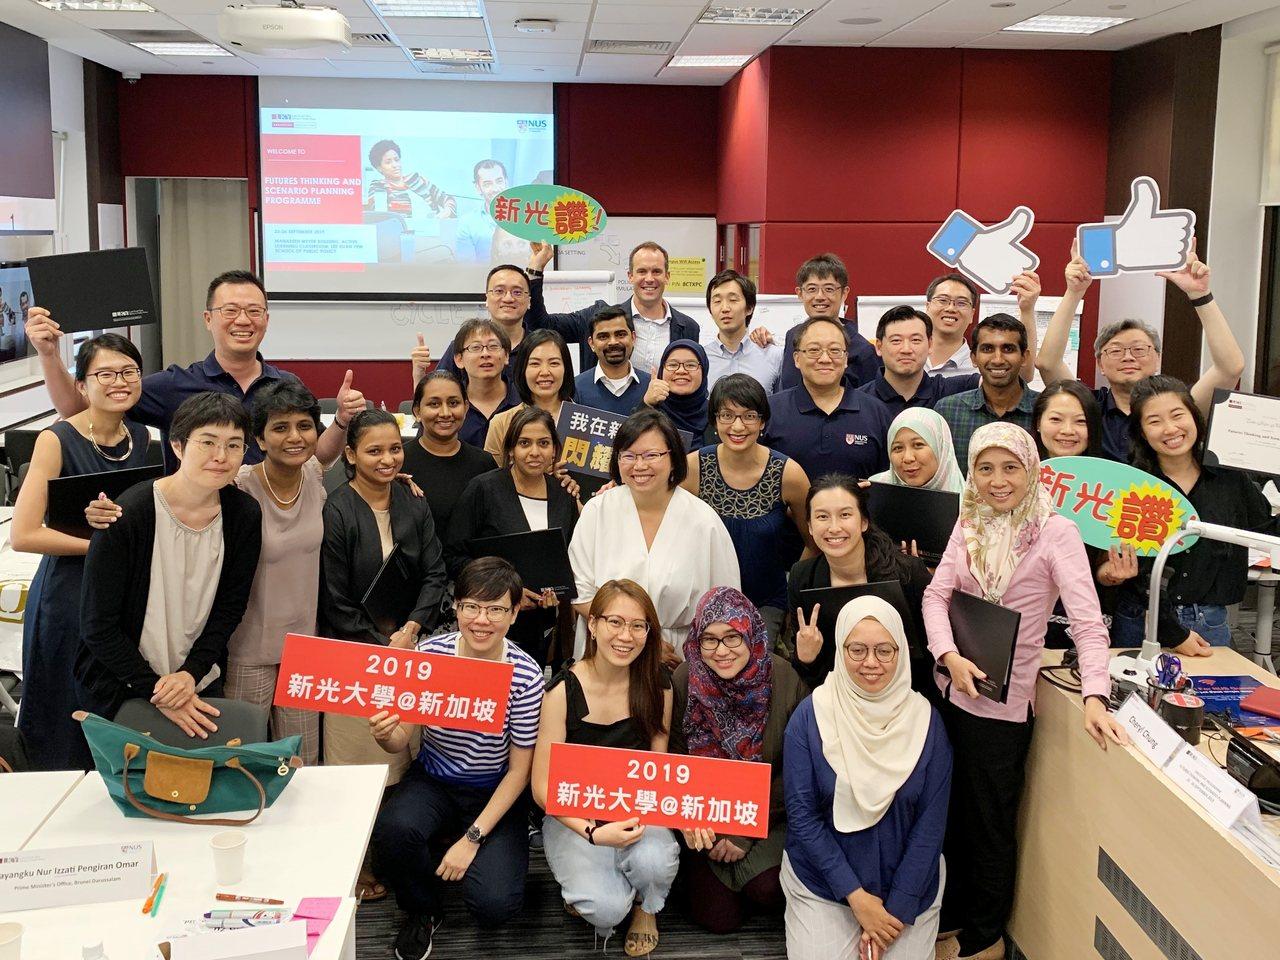 新光大學「領導梯隊新加坡海外研習營」學員與全球各地菁英交流,共同參與新加坡國立大...